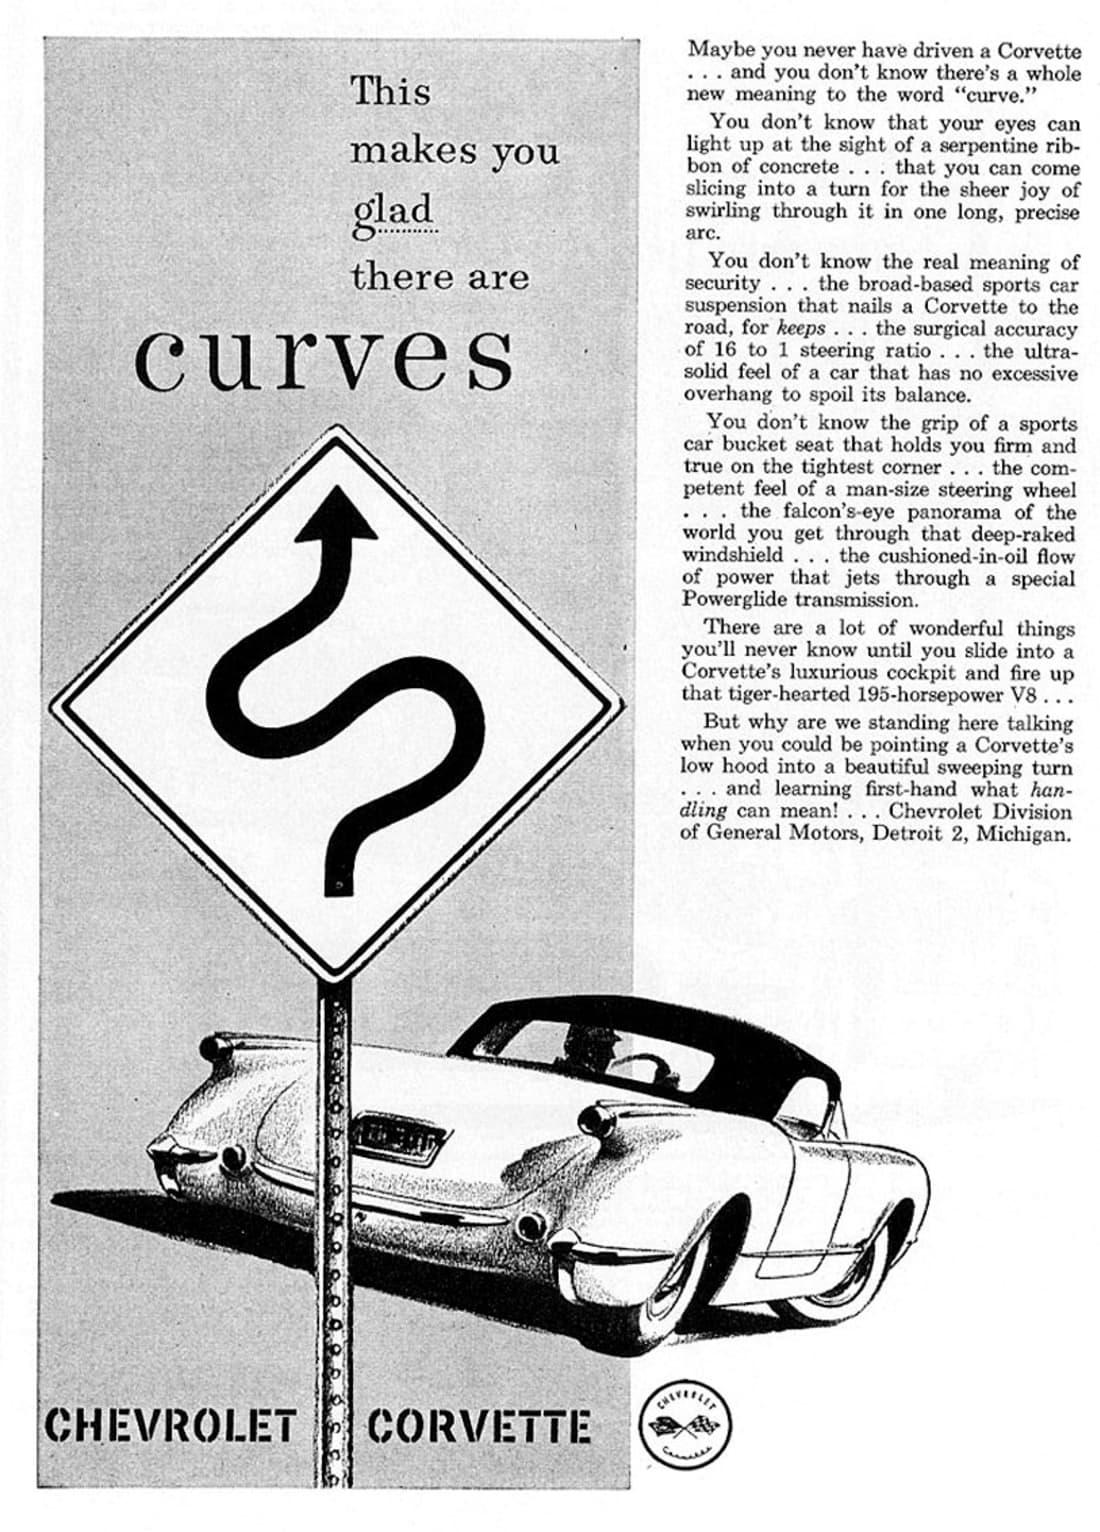 1955 Corvette Ad